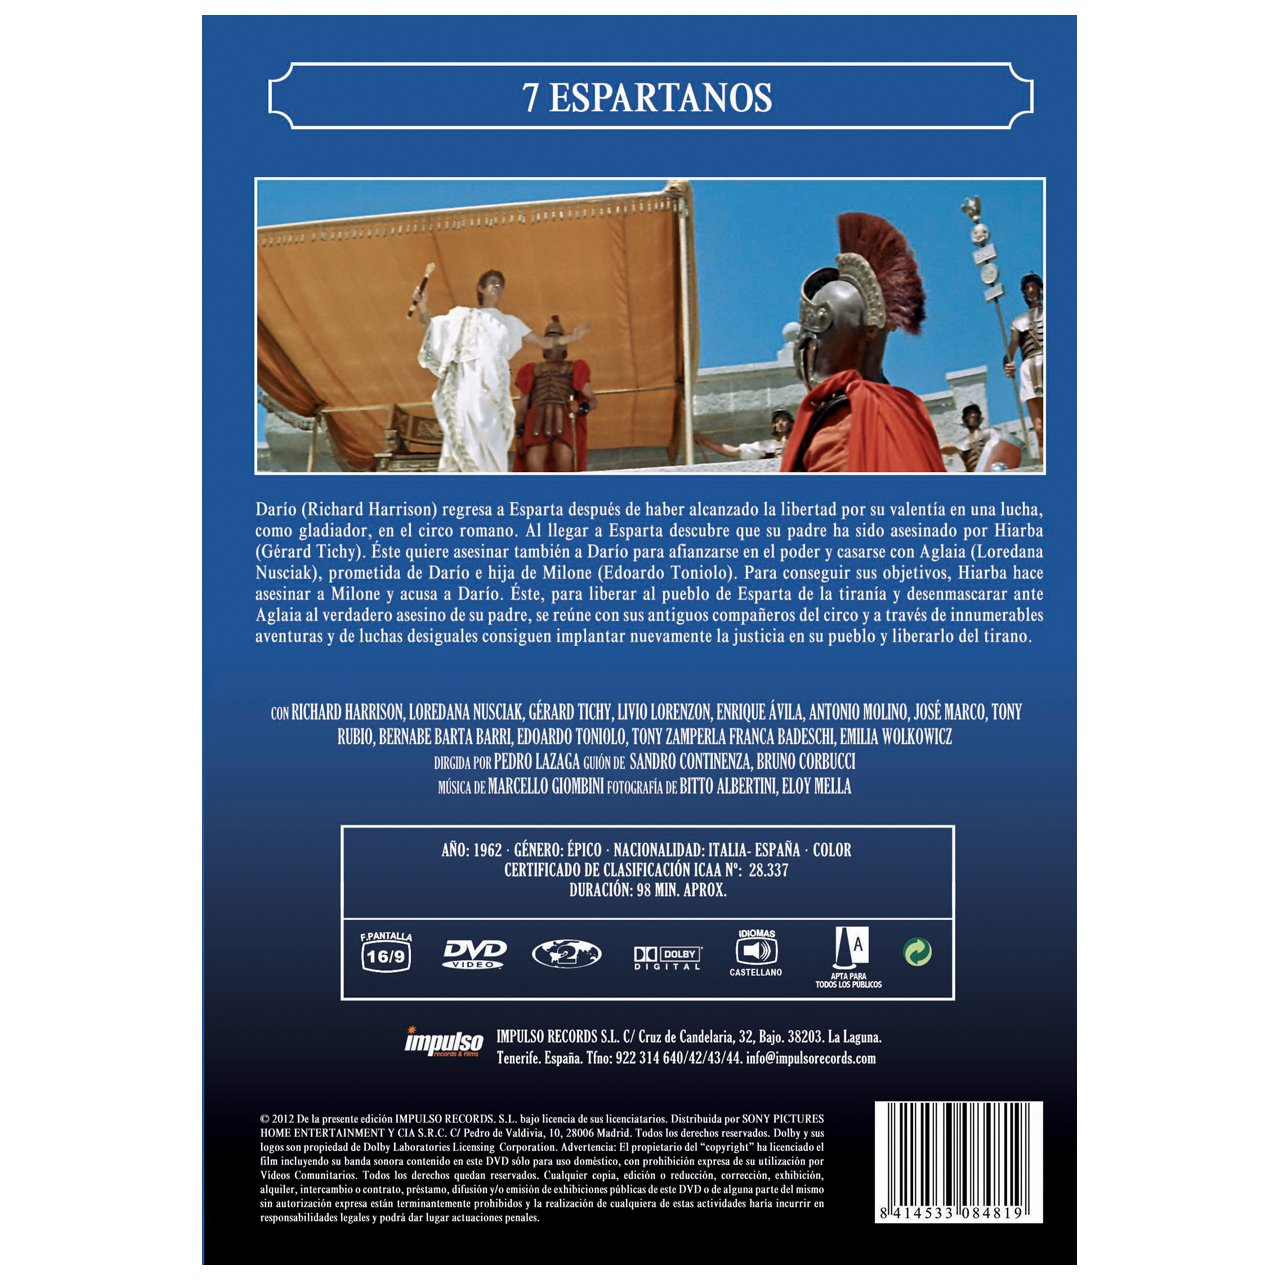 Amazon.com: 7 Espartanos (Import Movie) (European Format ...